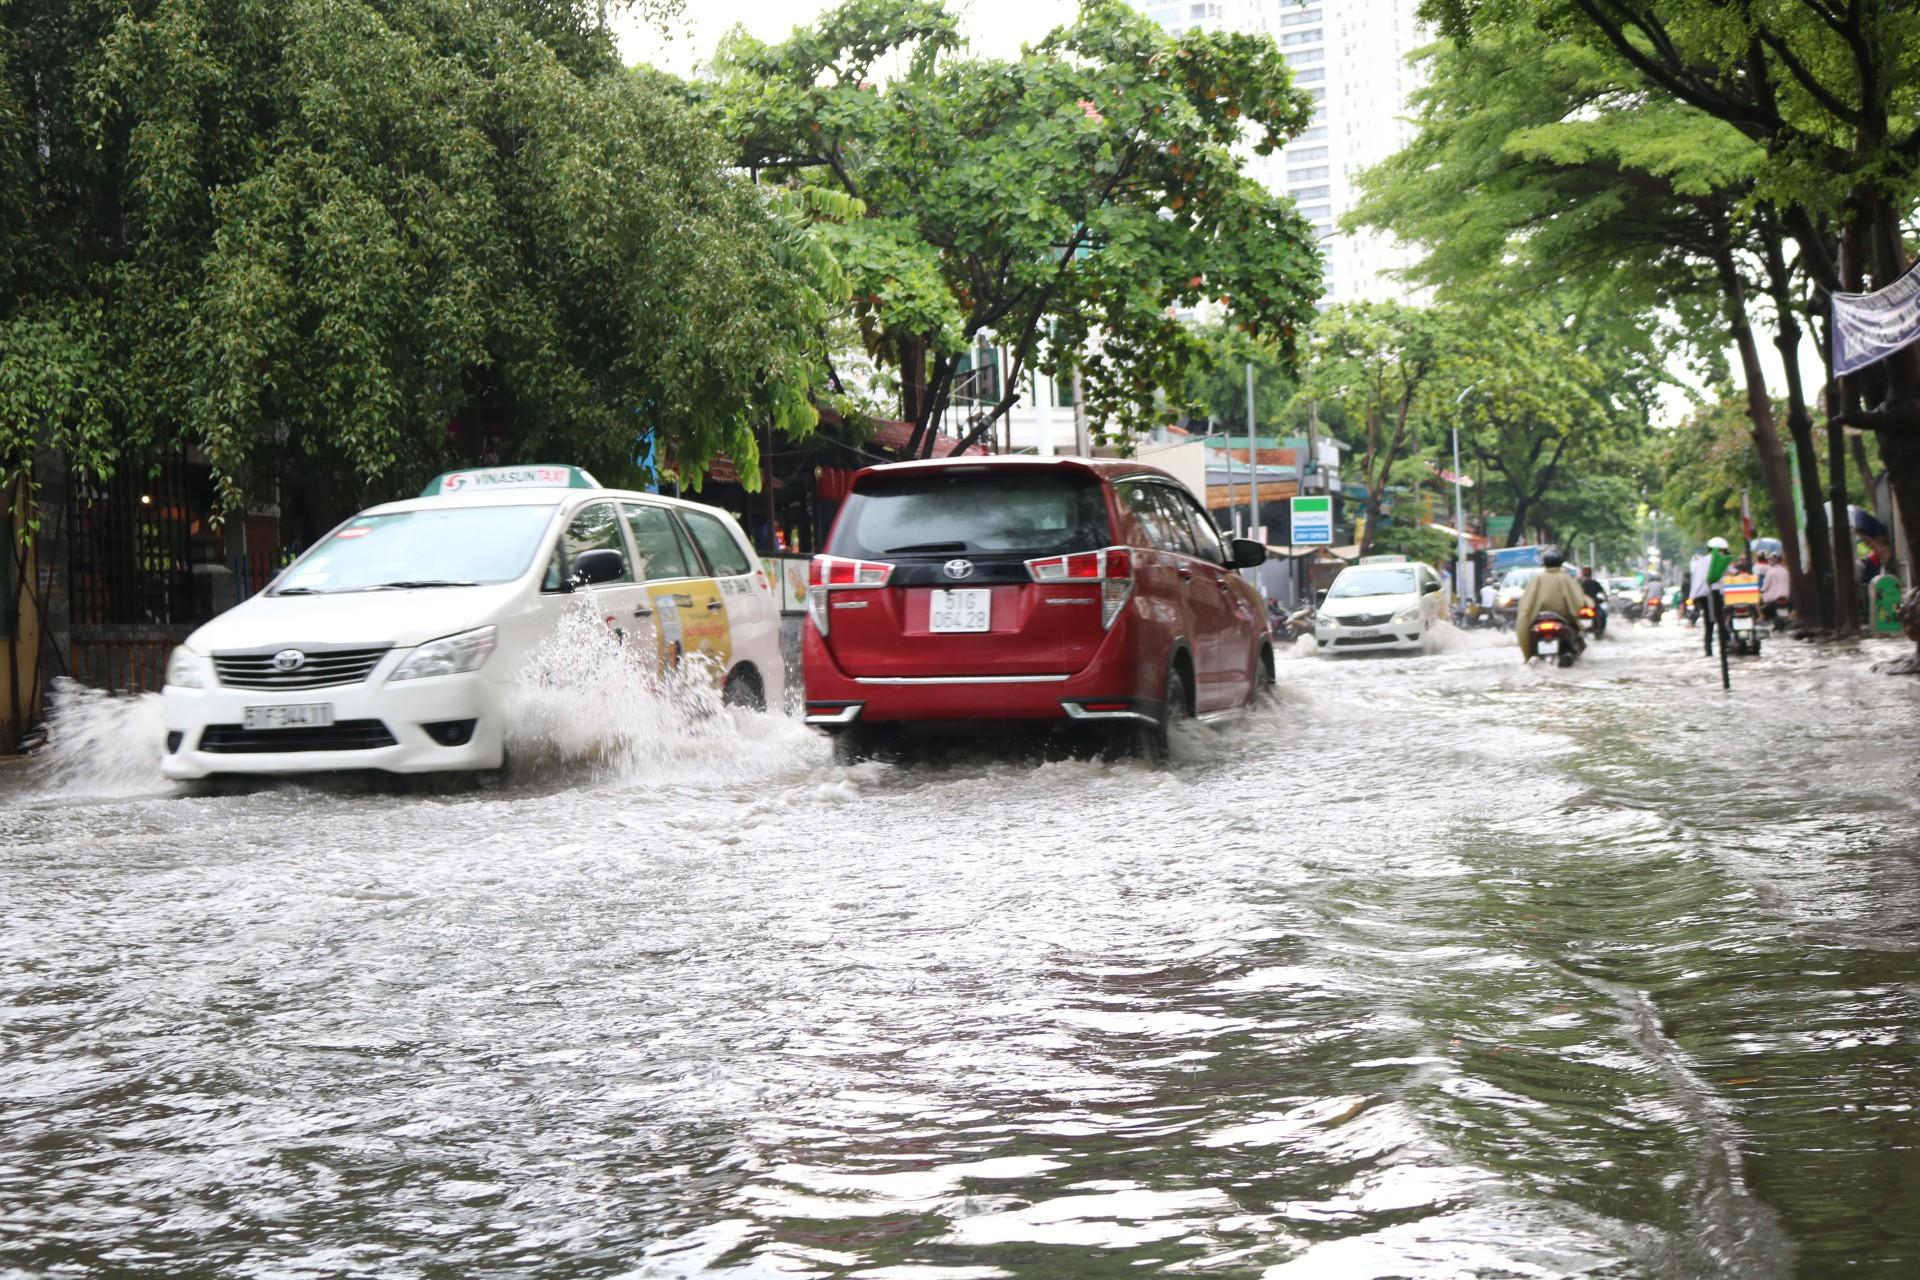 Sài Gòn mưa lớn ngày cuối tuần, đường thành sông, người dân chật vật lội nước về nhà - Ảnh 4.